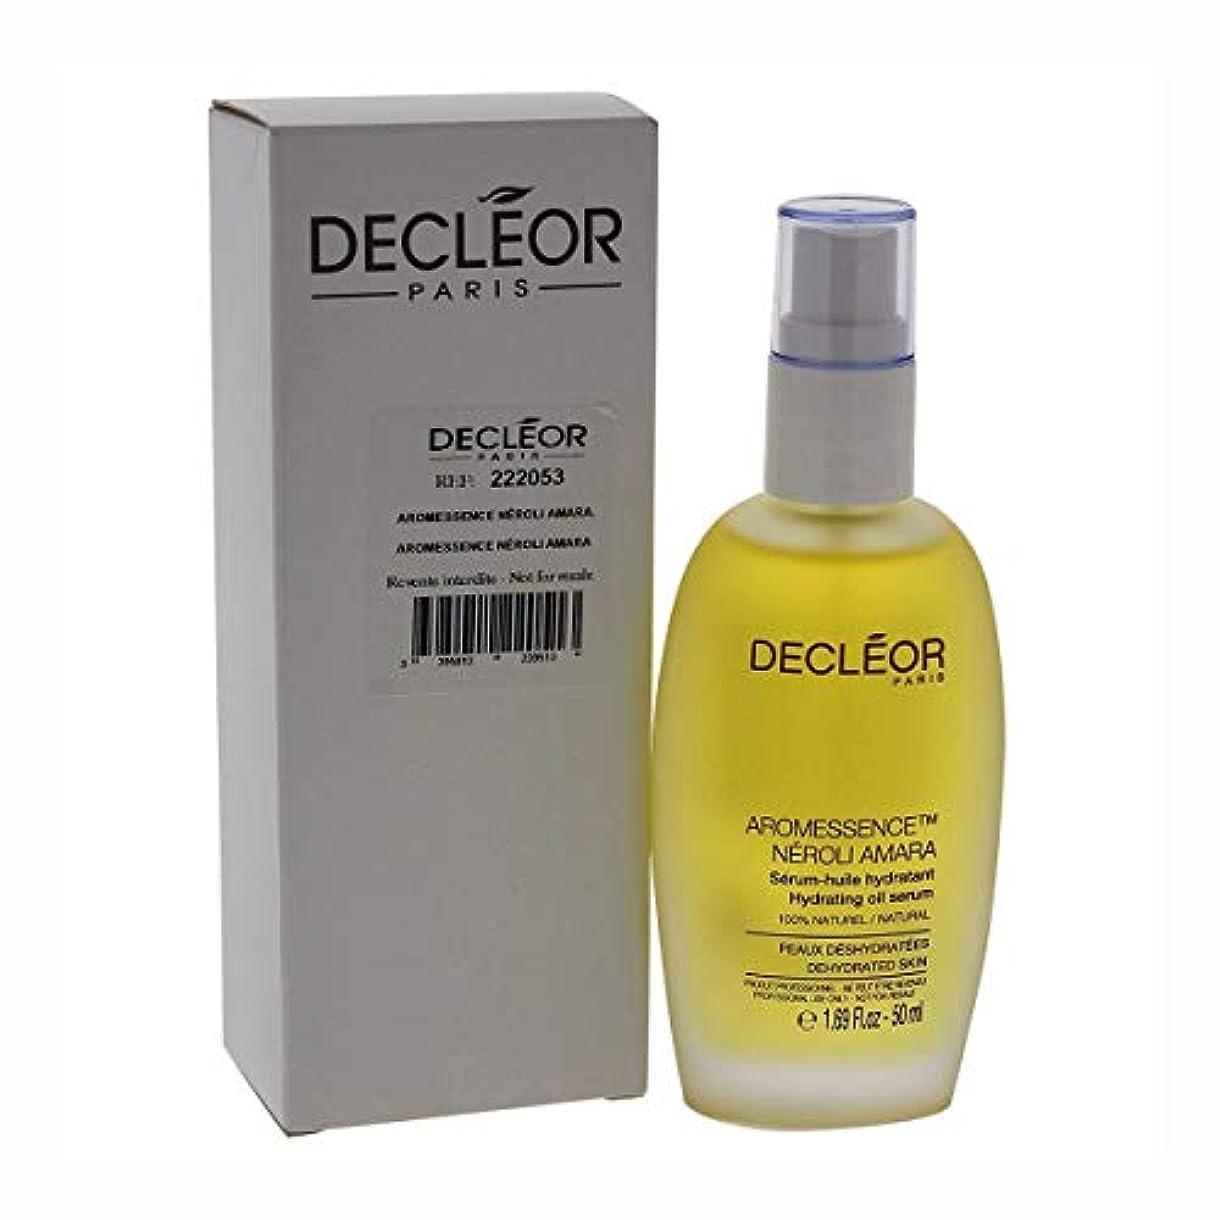 長くするアジテーション大学生デクレオール Aromessence Neroli Amara Hydrating Oil Serum - For Dehydrated Skin (Salon Size) 50ml/1.69oz並行輸入品